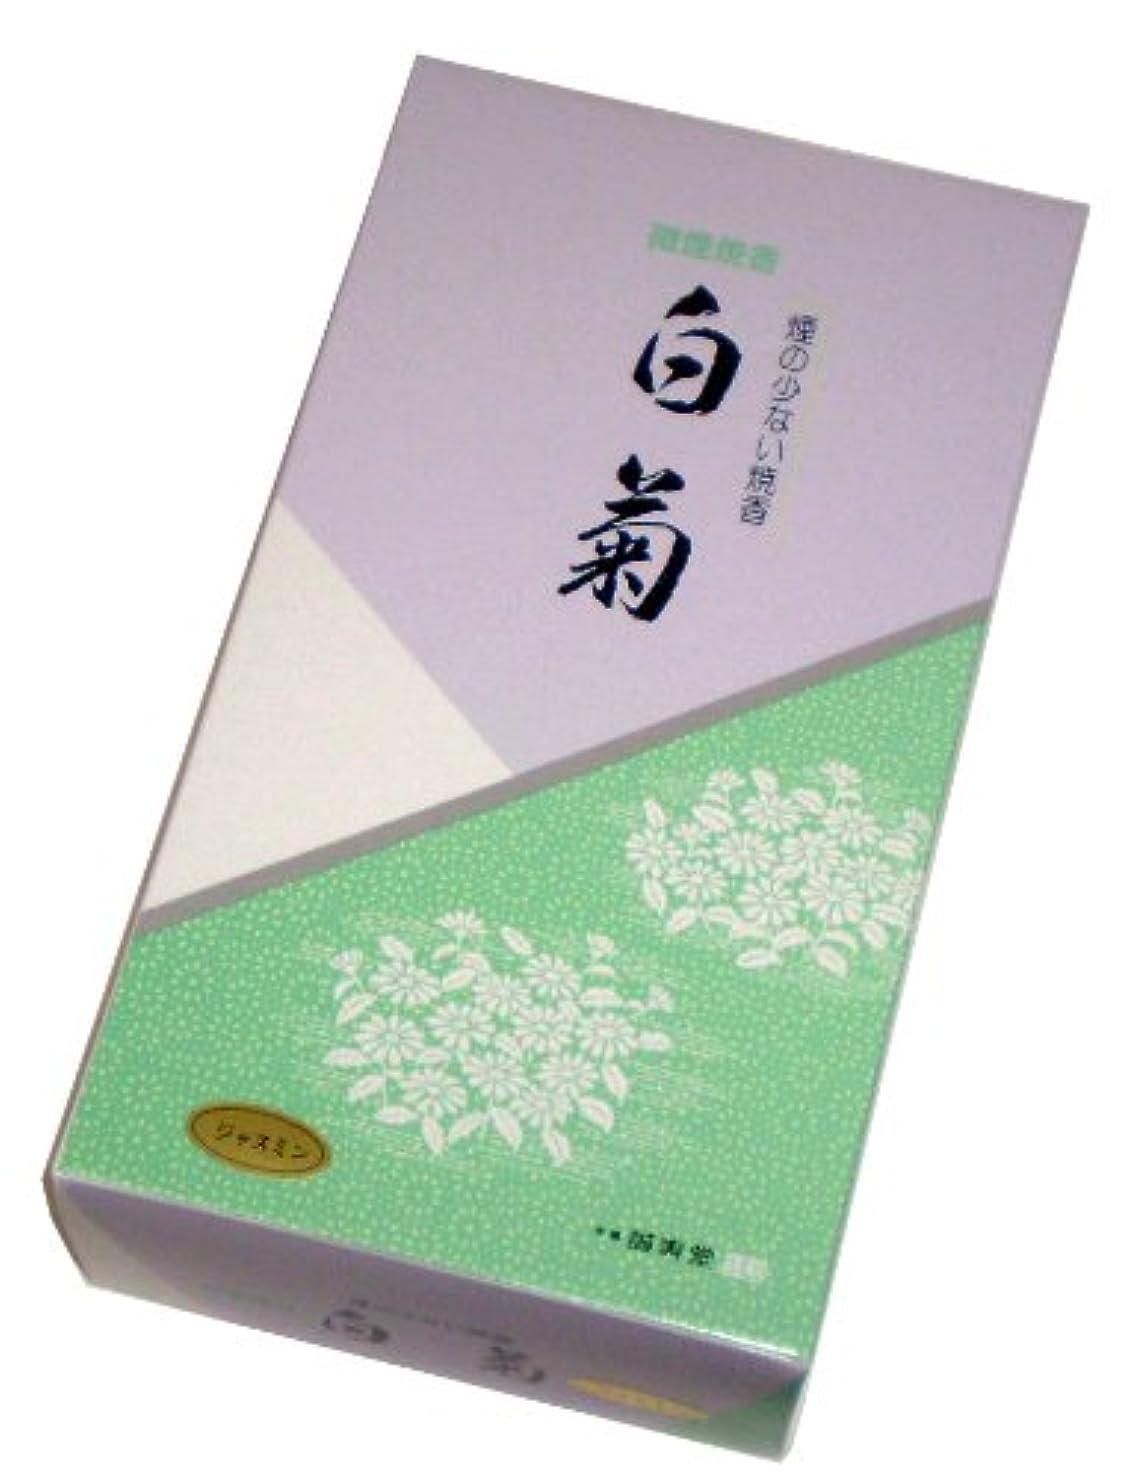 ピアース傀儡良さ誠寿堂のお線香 微煙焼香 白菊(ジャスミン)500g #FJ21